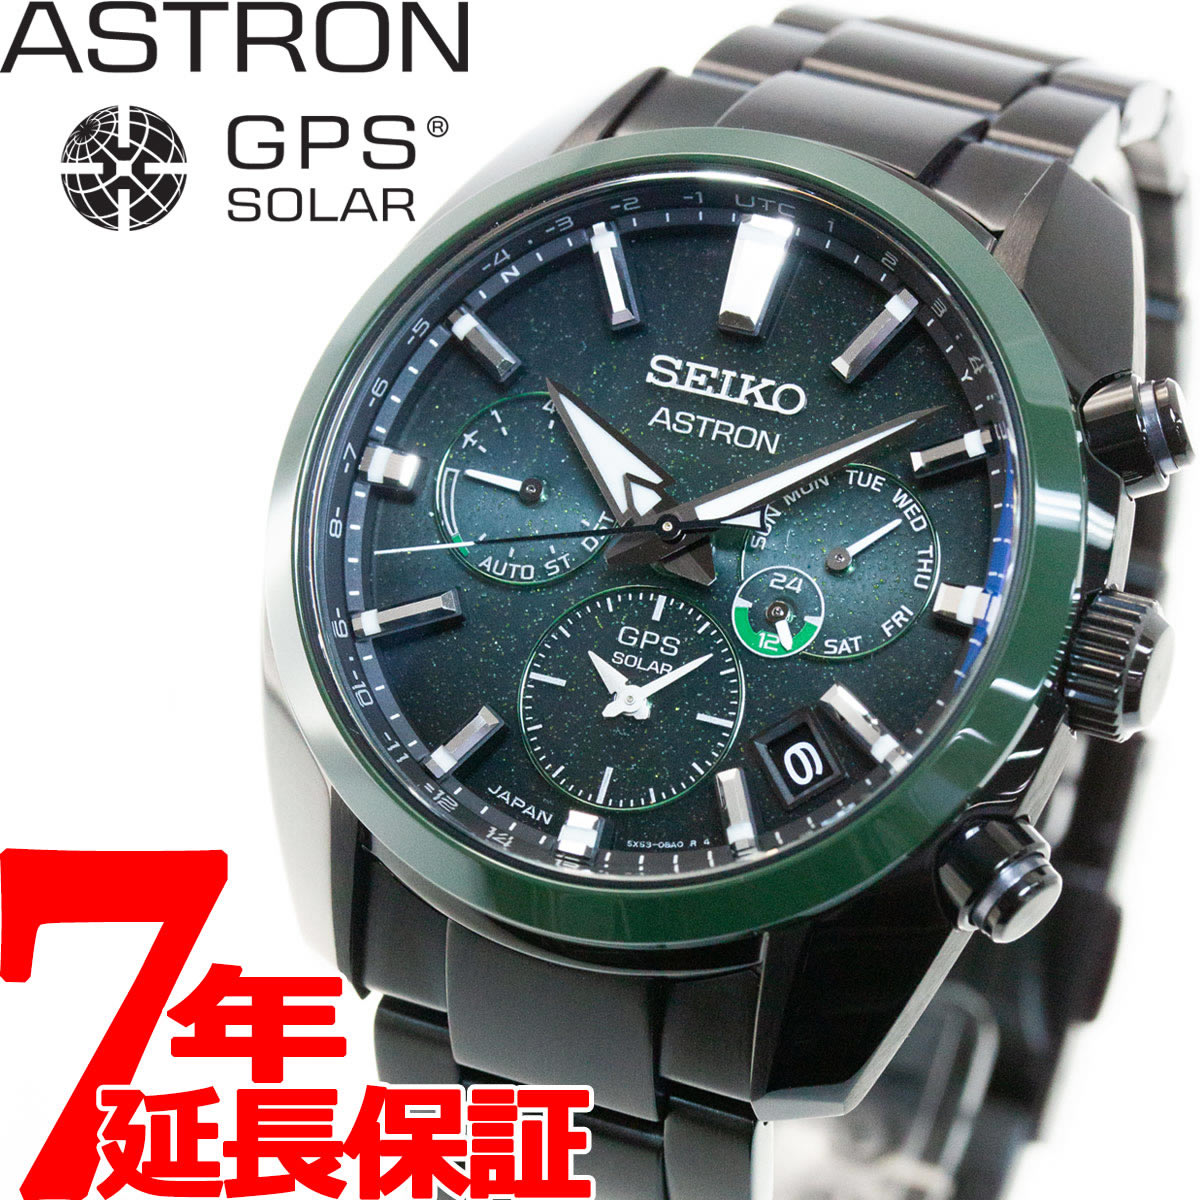 腕時計, メンズ腕時計 25057252359 SEIKO ASTRON GPS GPS SBXC0792020